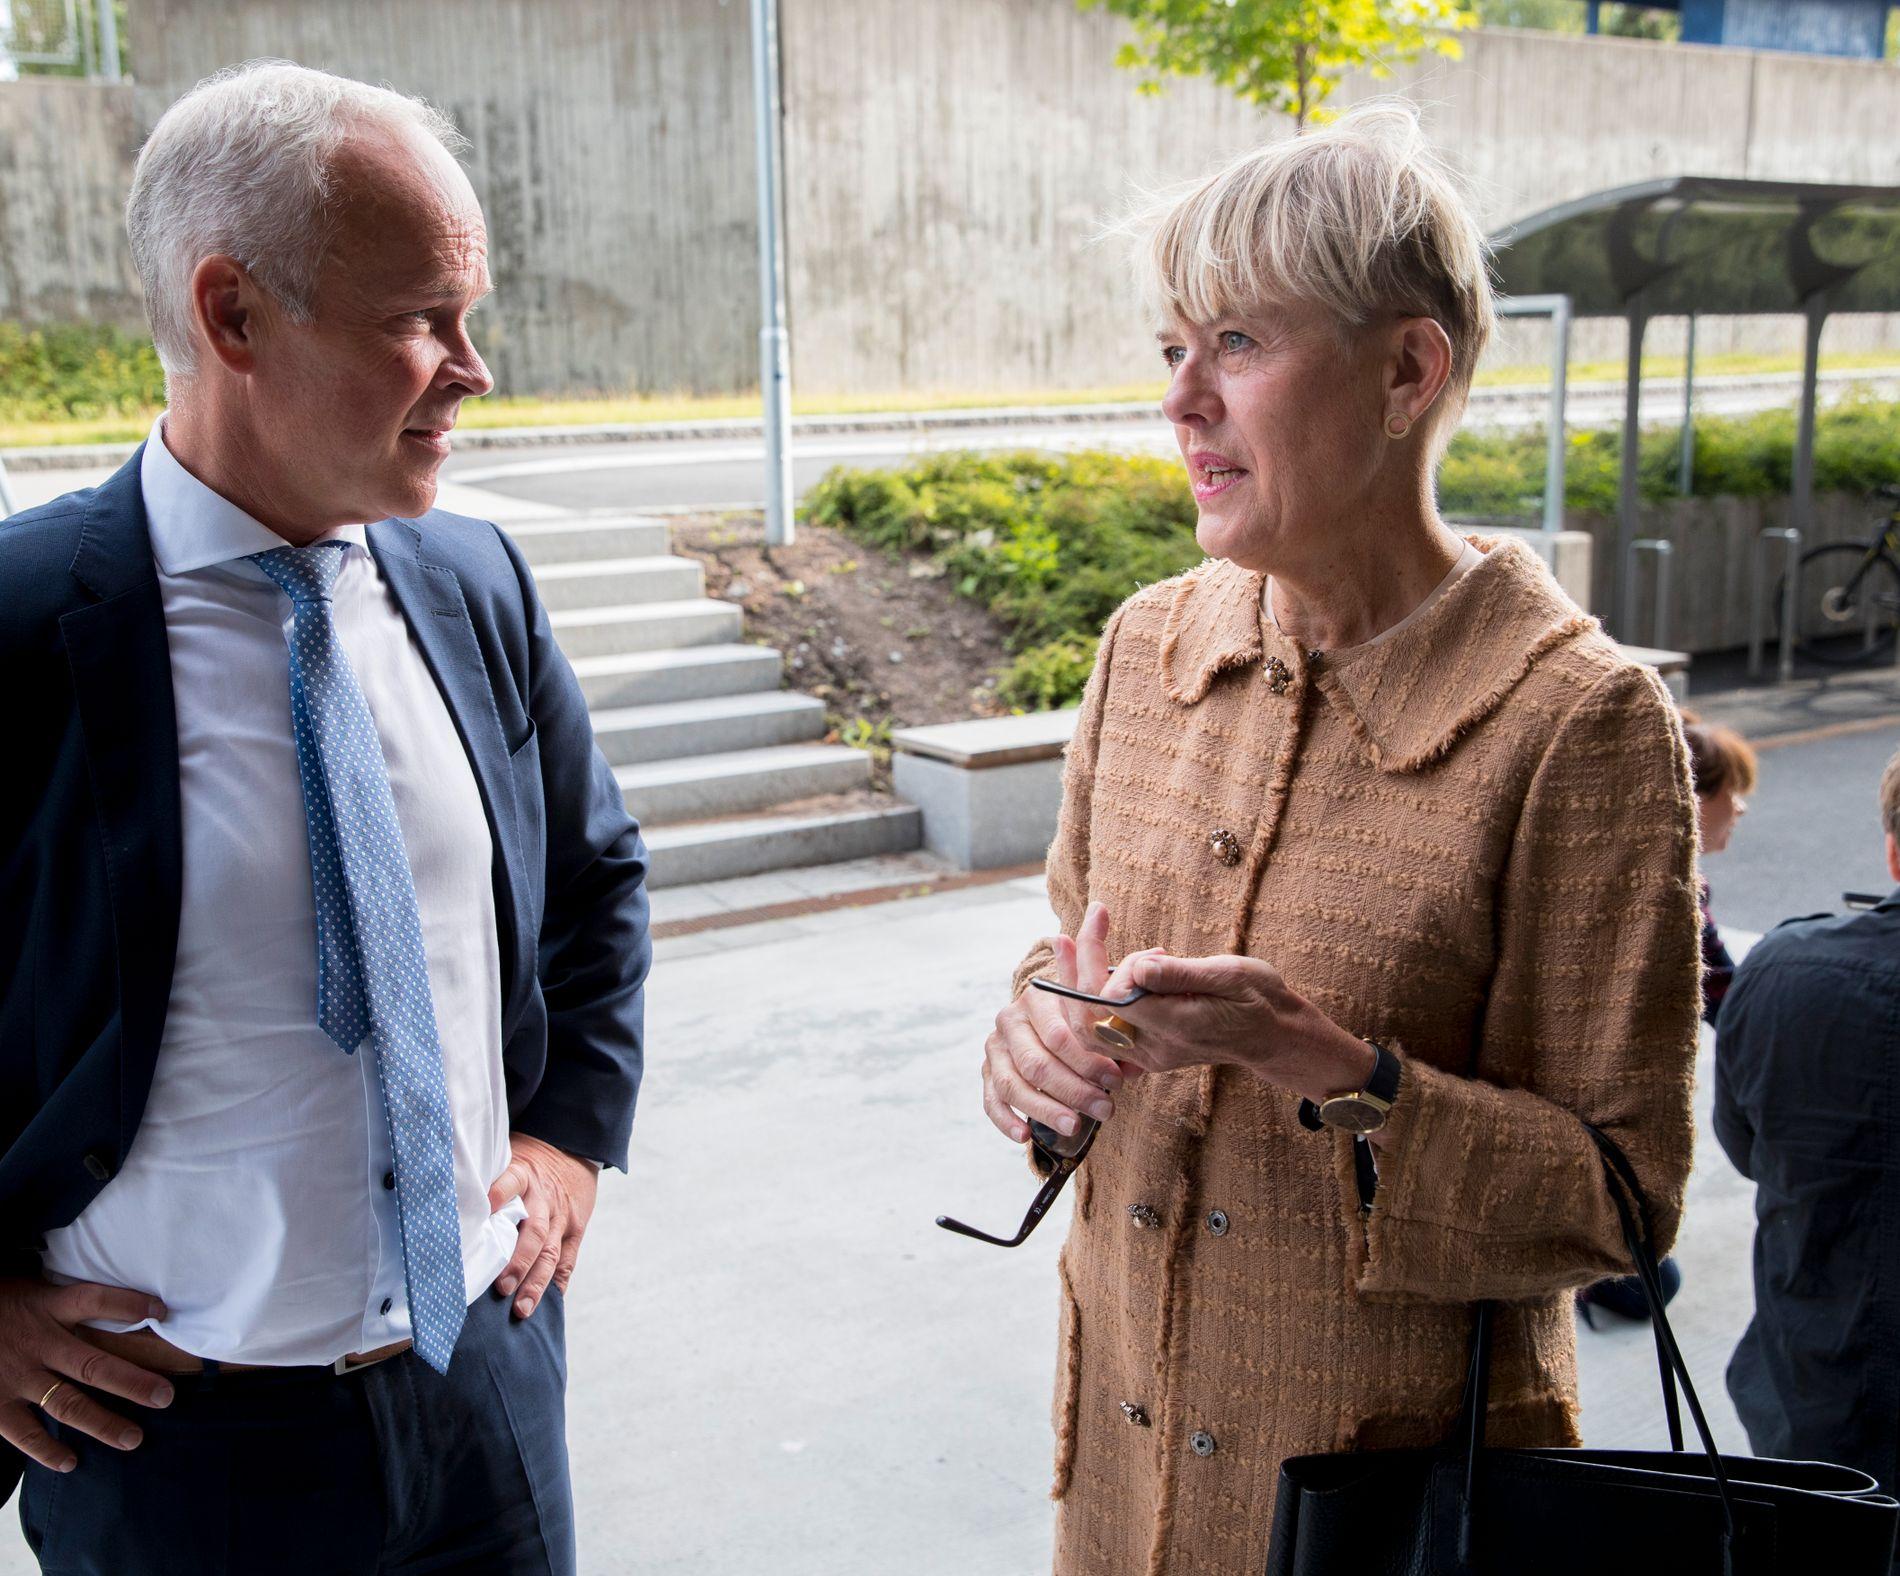 SKOLESTART: Utdanningsdirektør Astrid Søgnen i Oslo møtte opp på Brynseng skole ved skolestart i høst - sammen med kunnskapsminister Jan Tore Sanner.